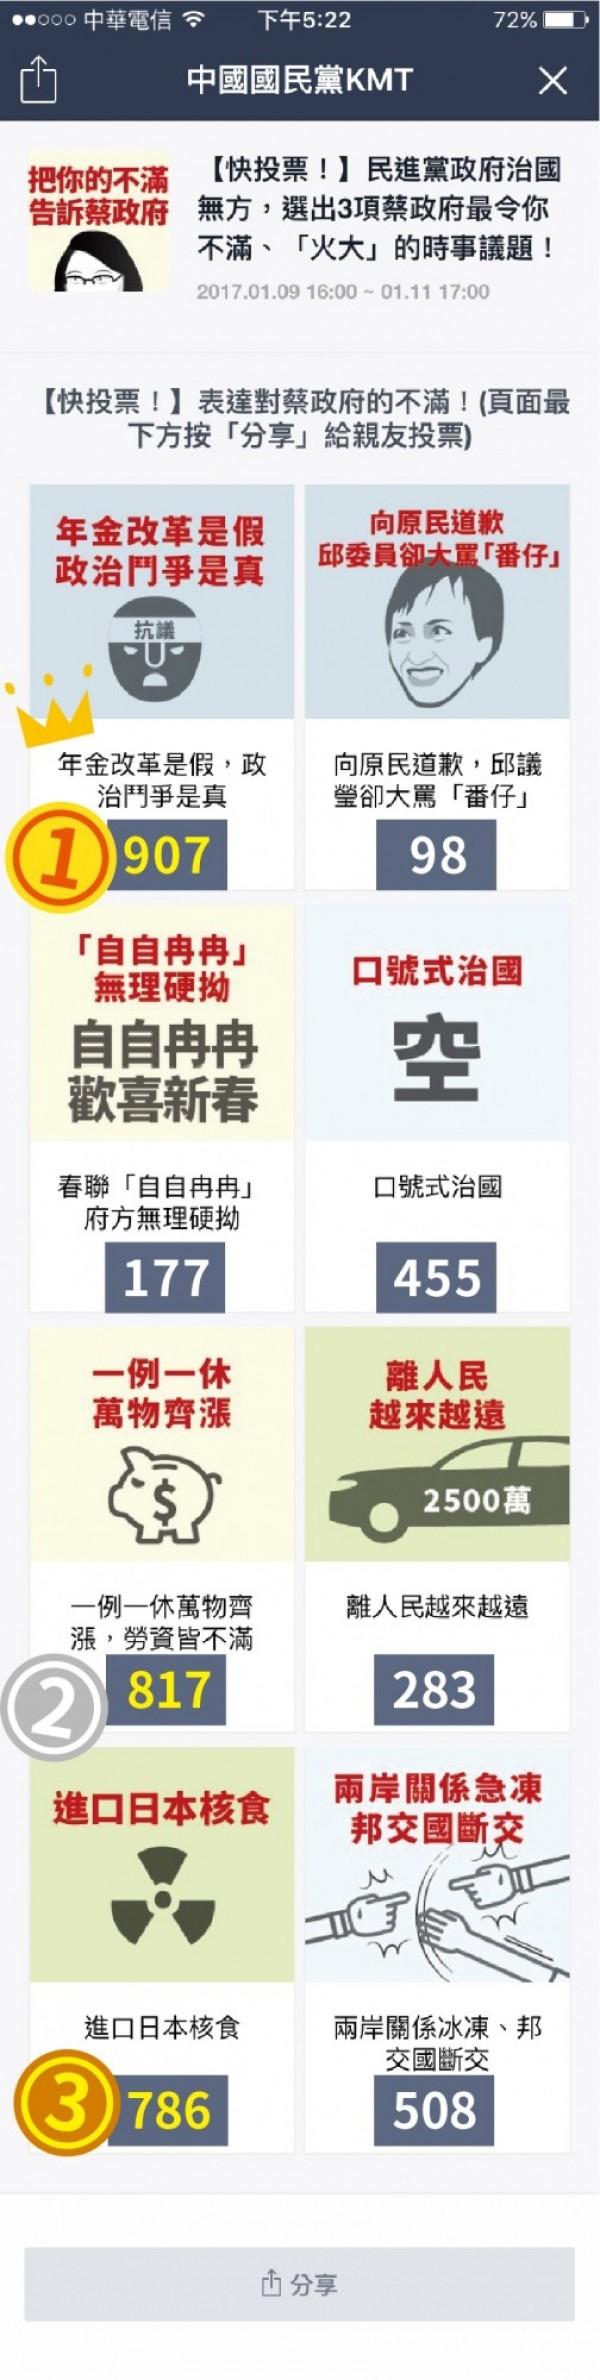 國民黨利用LINE發起投票活動,號召網友一起選出三項讓大家最不滿、火大的時事議題(圖片由國民黨提供)